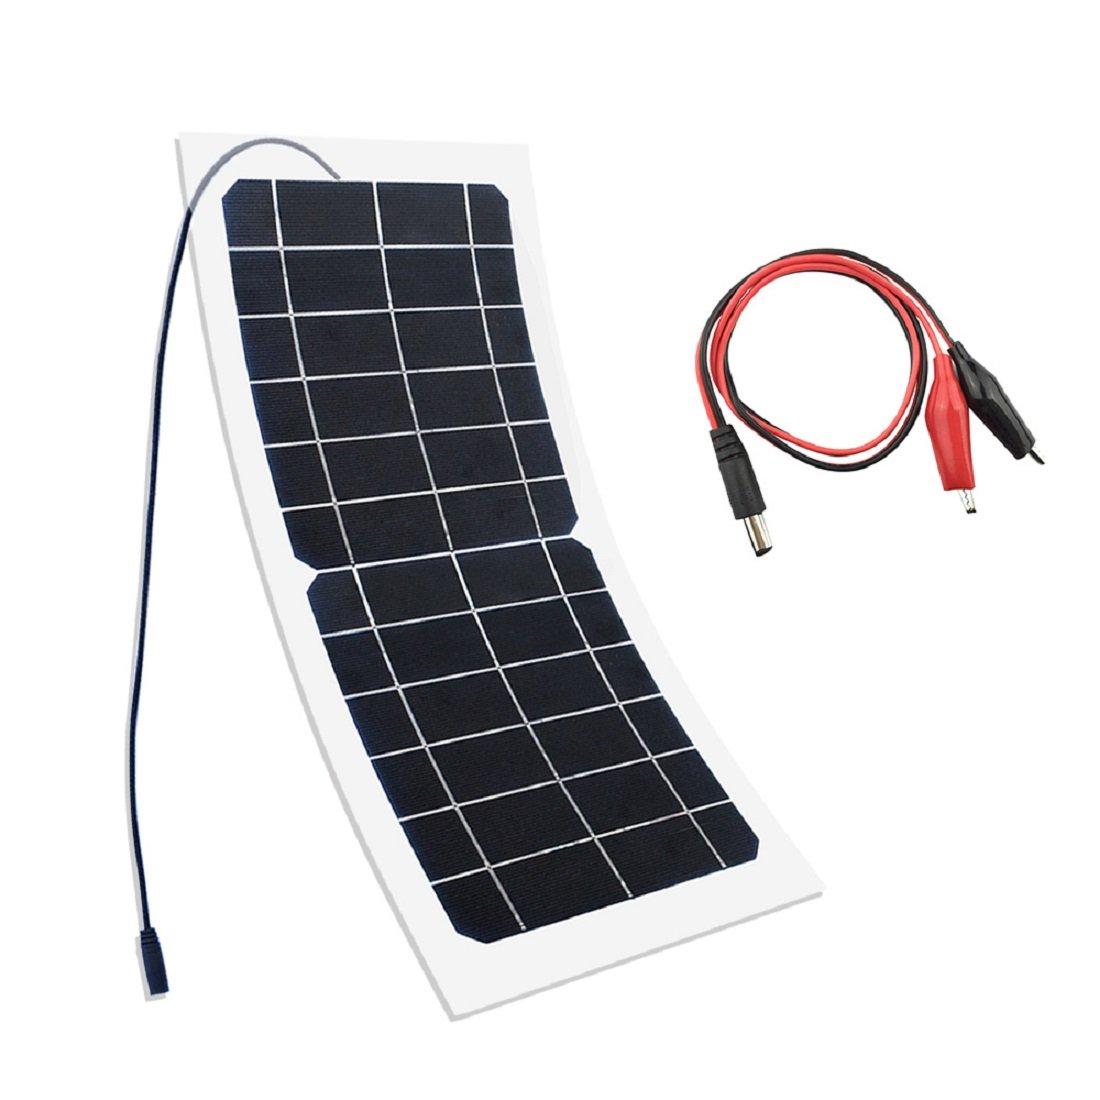 bateau charge ext/érieure appareil photo YUANFENGPOWER 10W 6V Panneau solaire monocristallin pour camping voiture